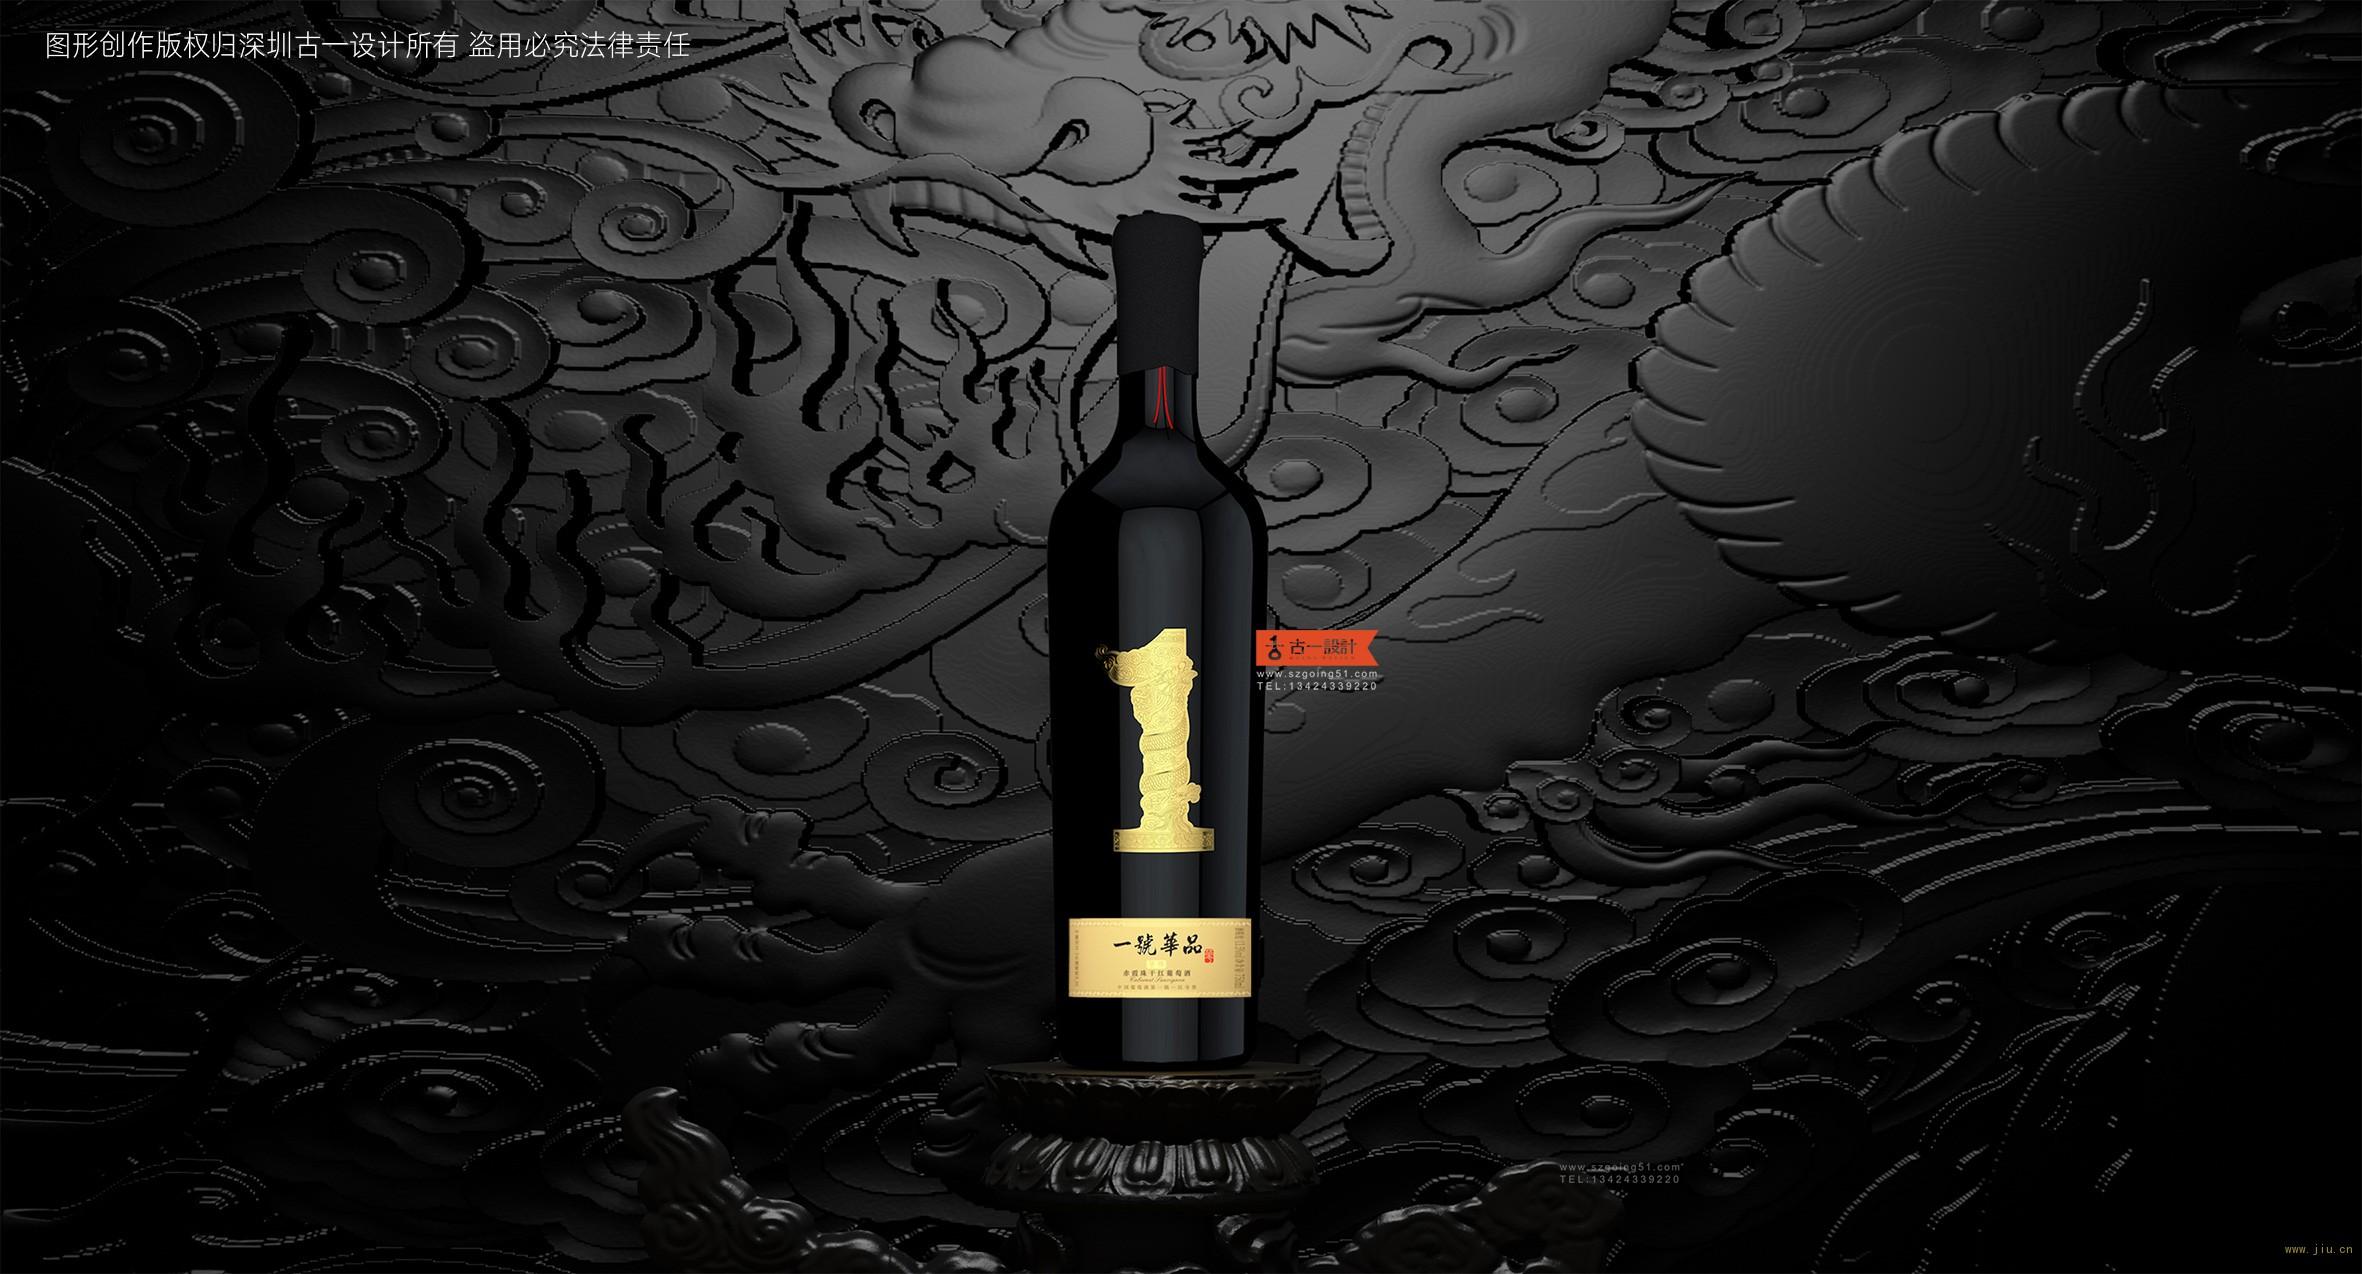 红酒包装设计,古一设计,包装设计公司,酒标设计,深圳包装设计公司,国产红酒包装设计